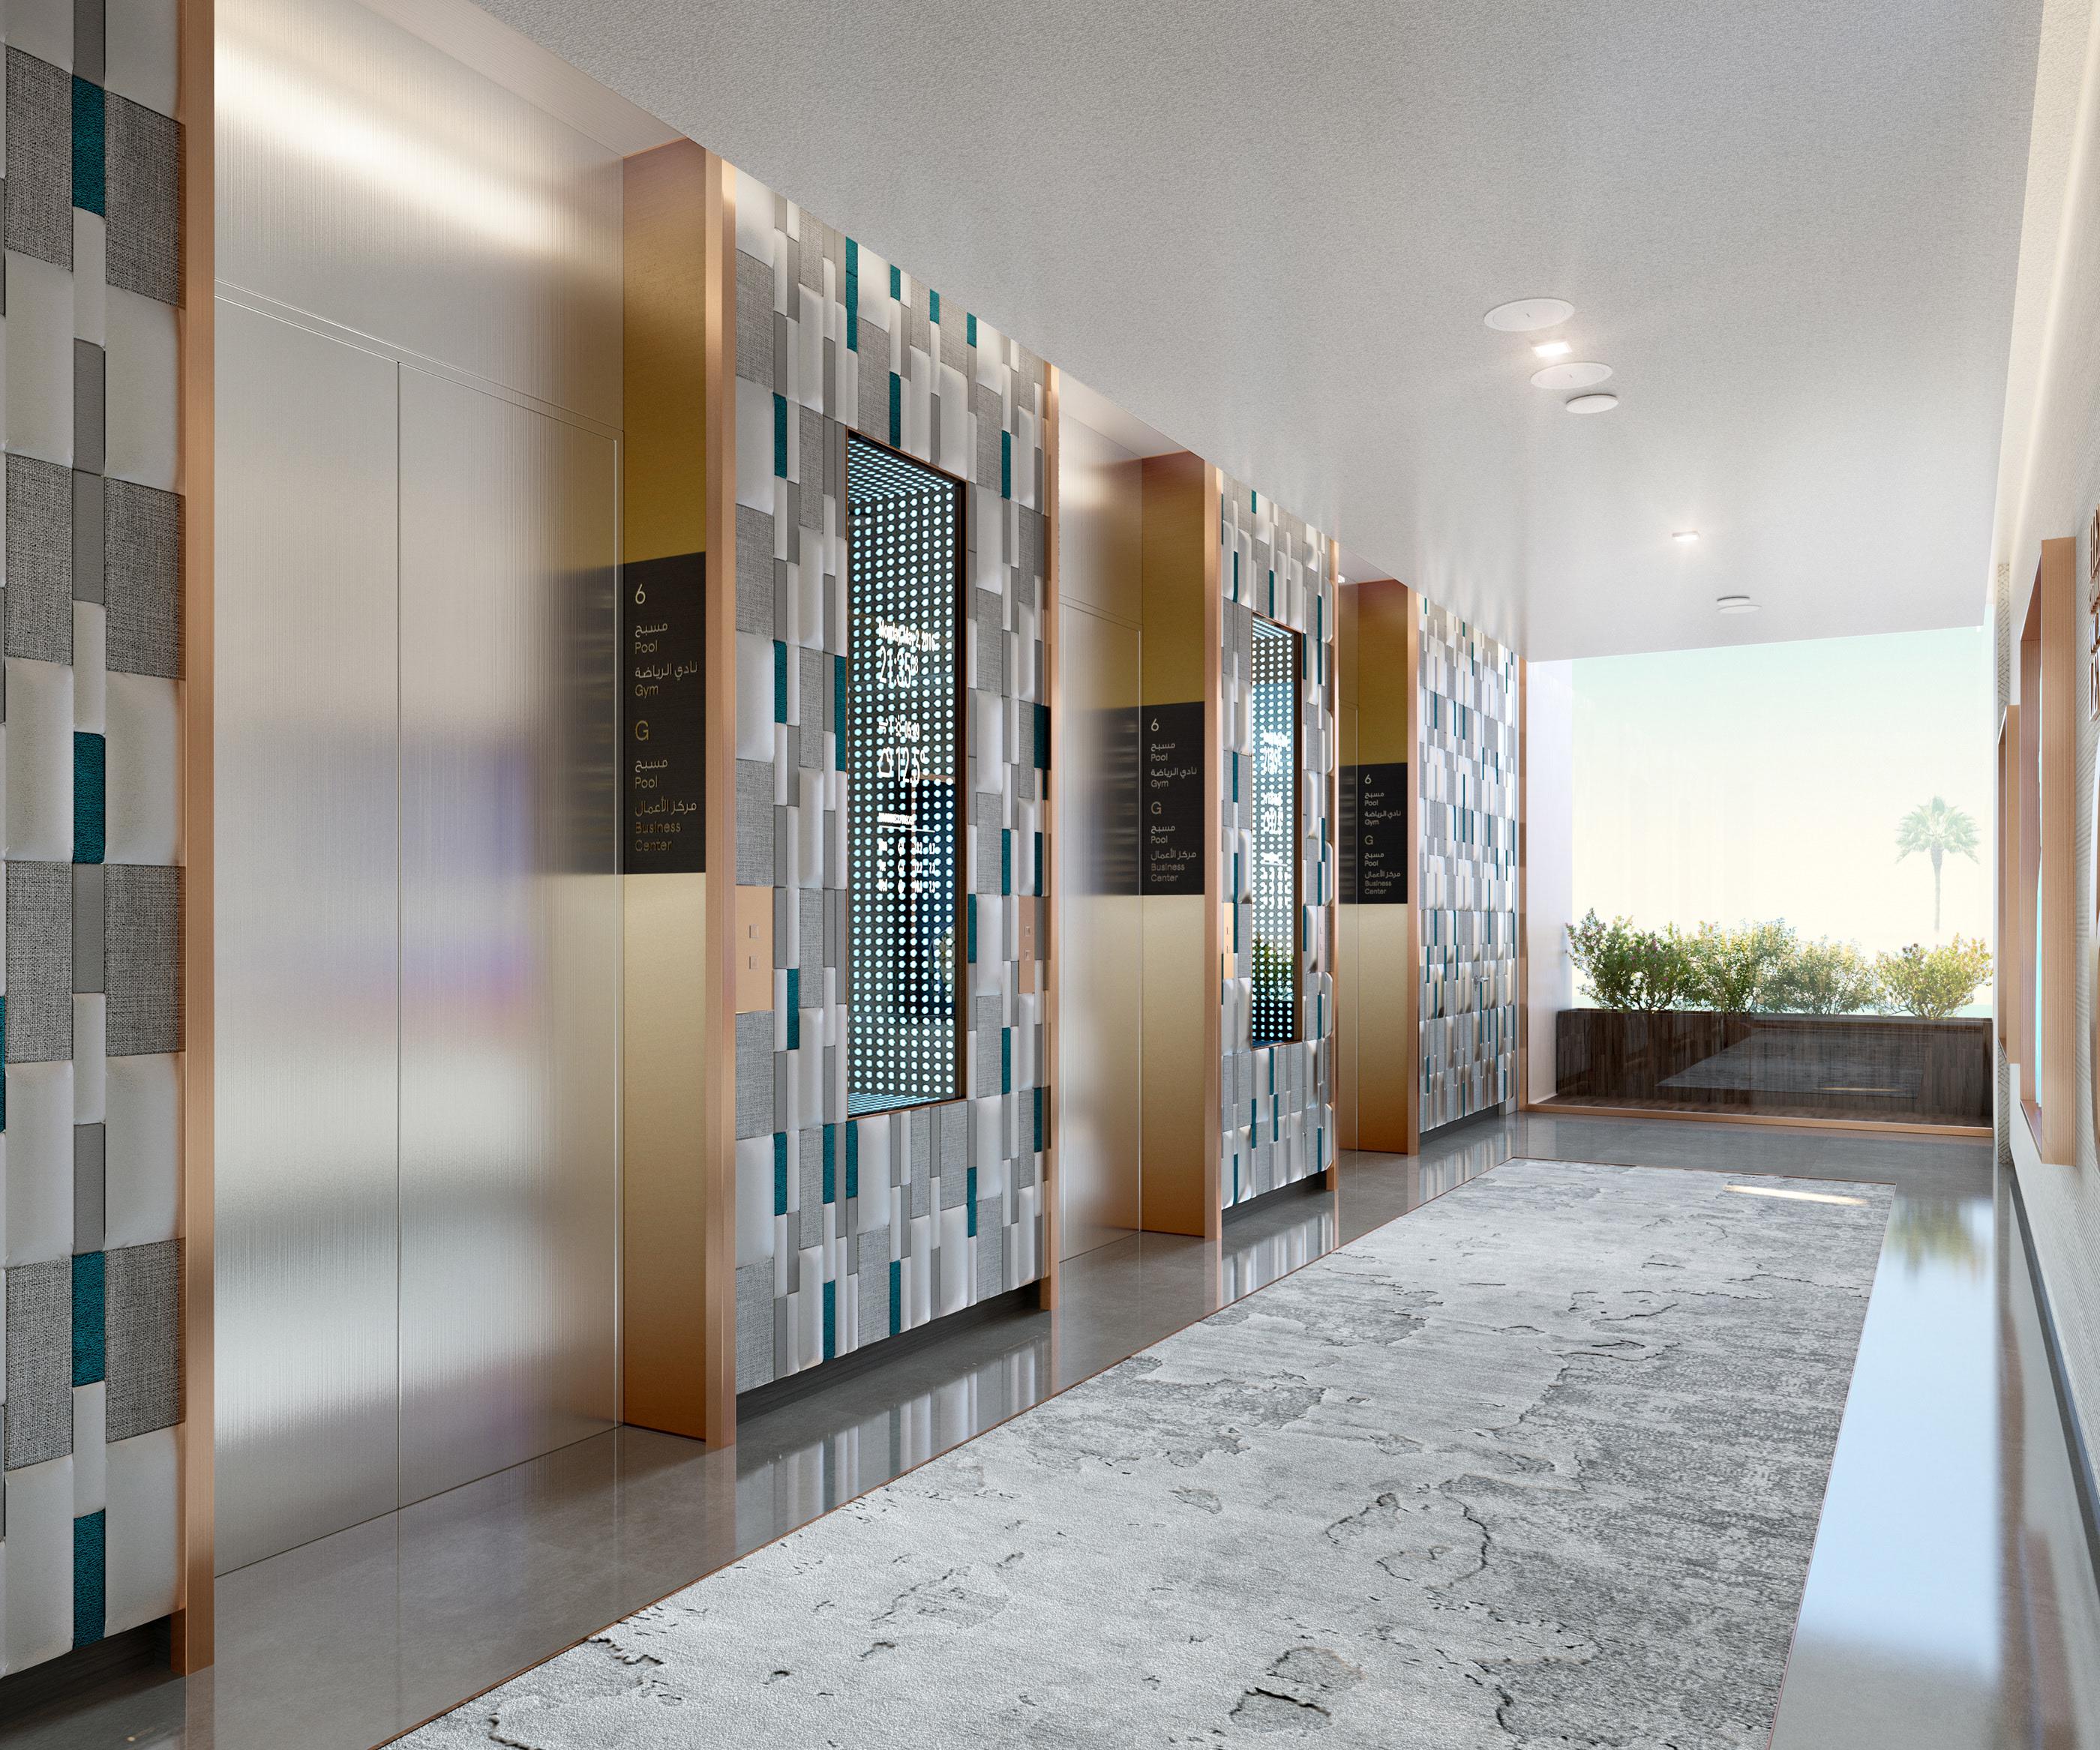 hotel architectural render